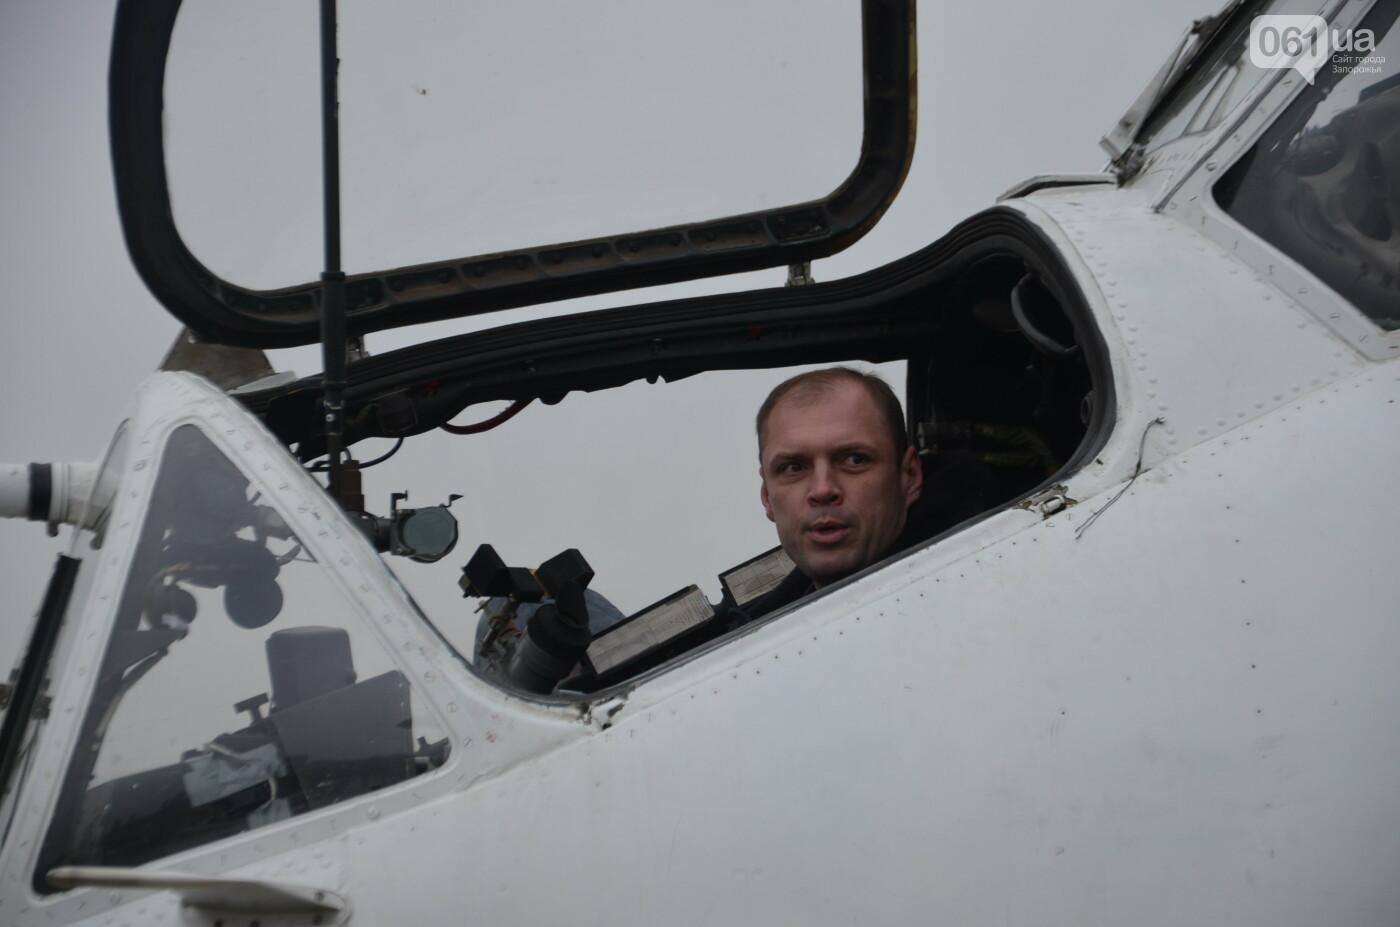 В Запорожье прошли первые испытания новых лопастей для военных вертолетов, - ФОТО, фото-28